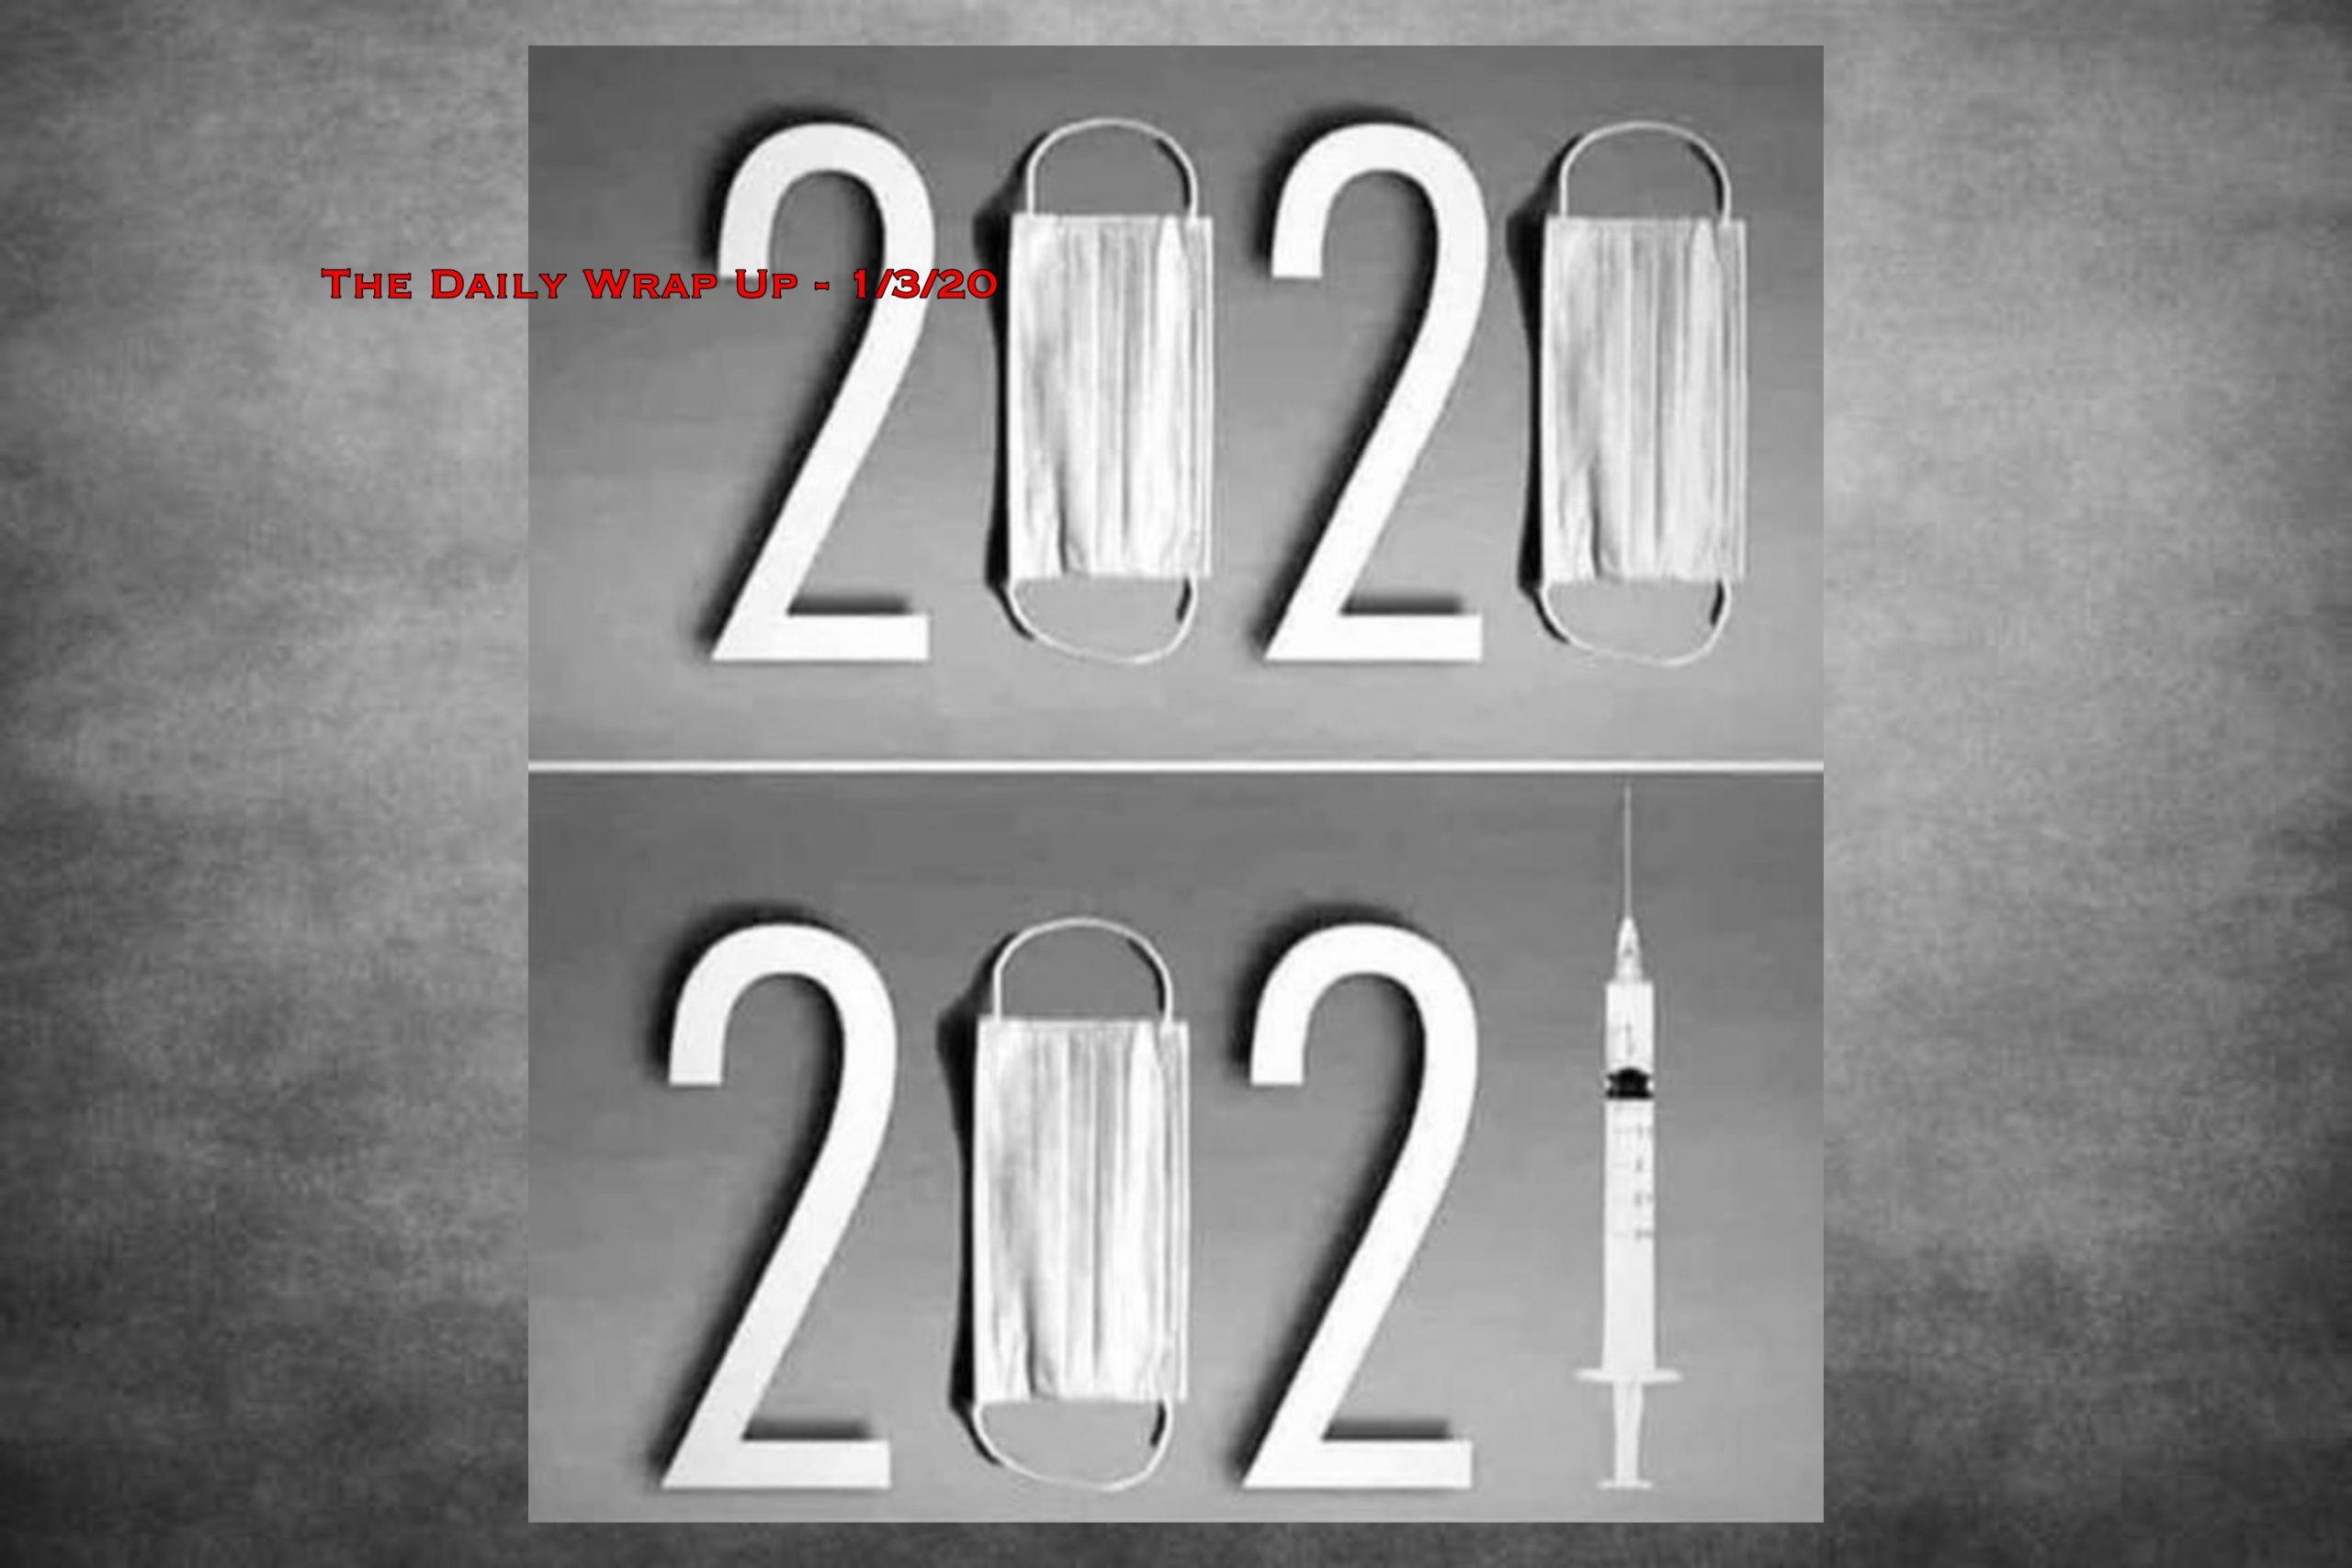 TDWU-1-3-20-scaled.jpg?fit=2560%2C1707&s